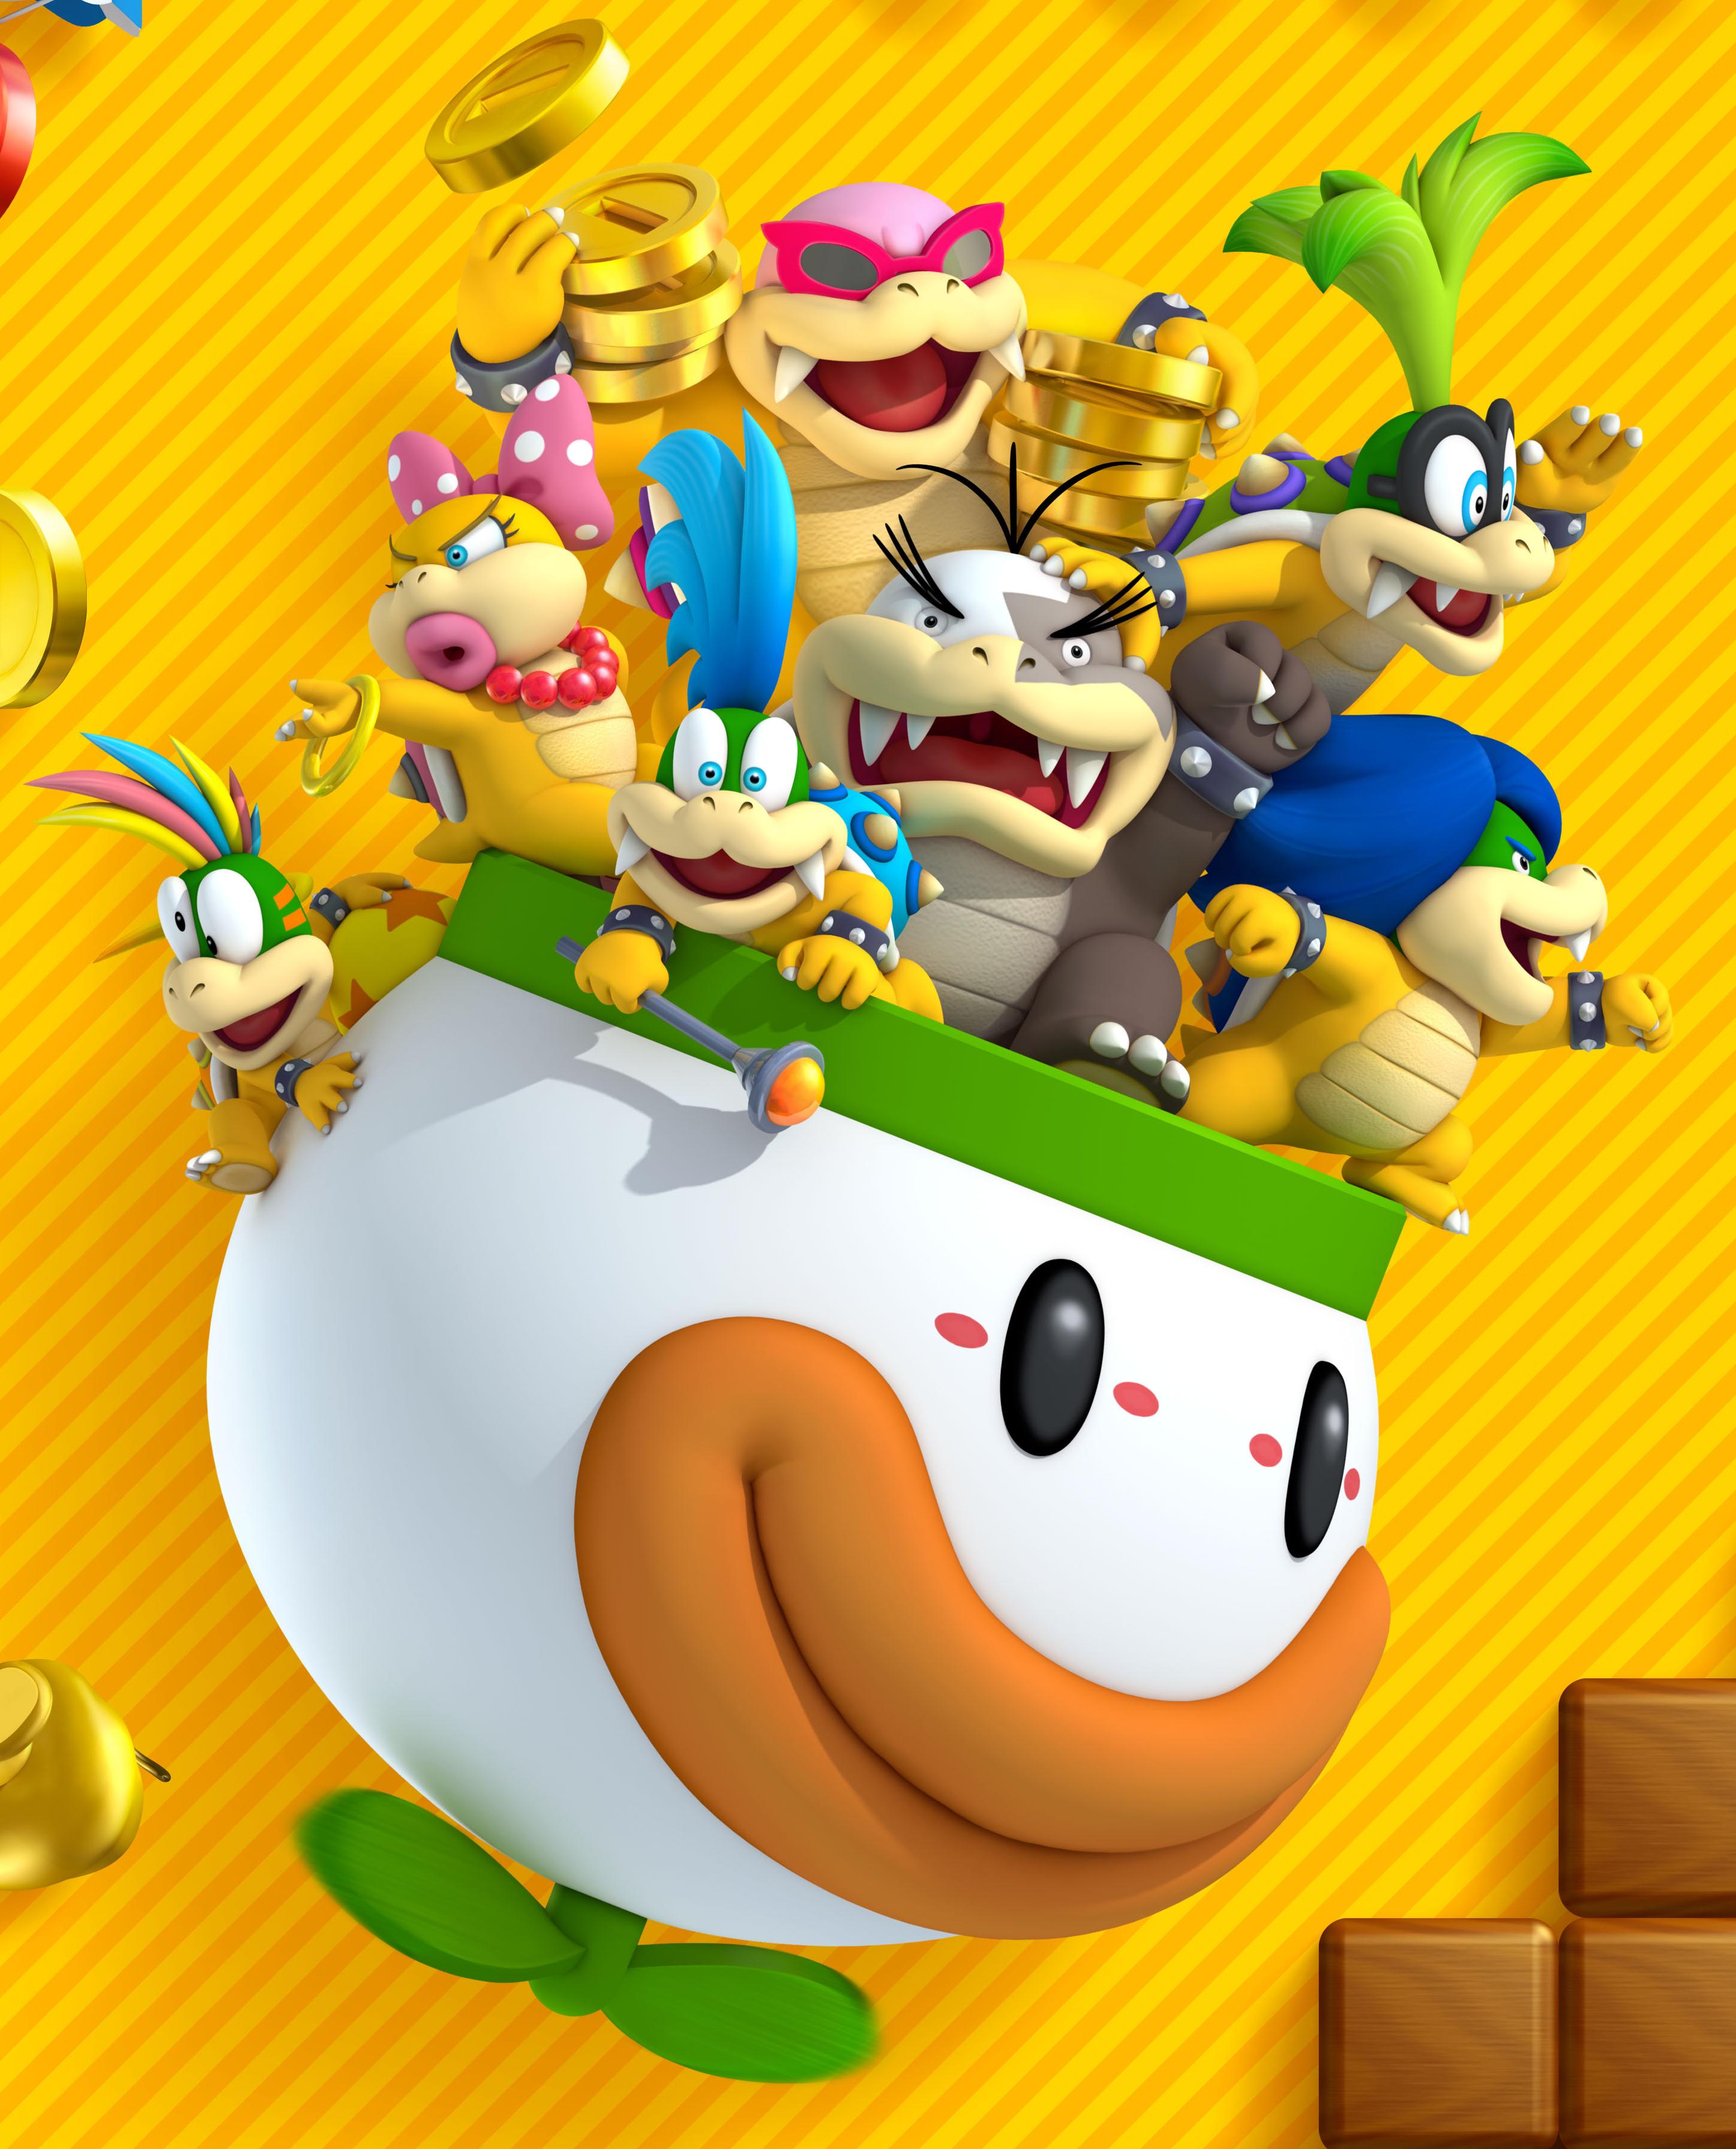 Mario clipart new super mario bro Takes Super Hour Download Super